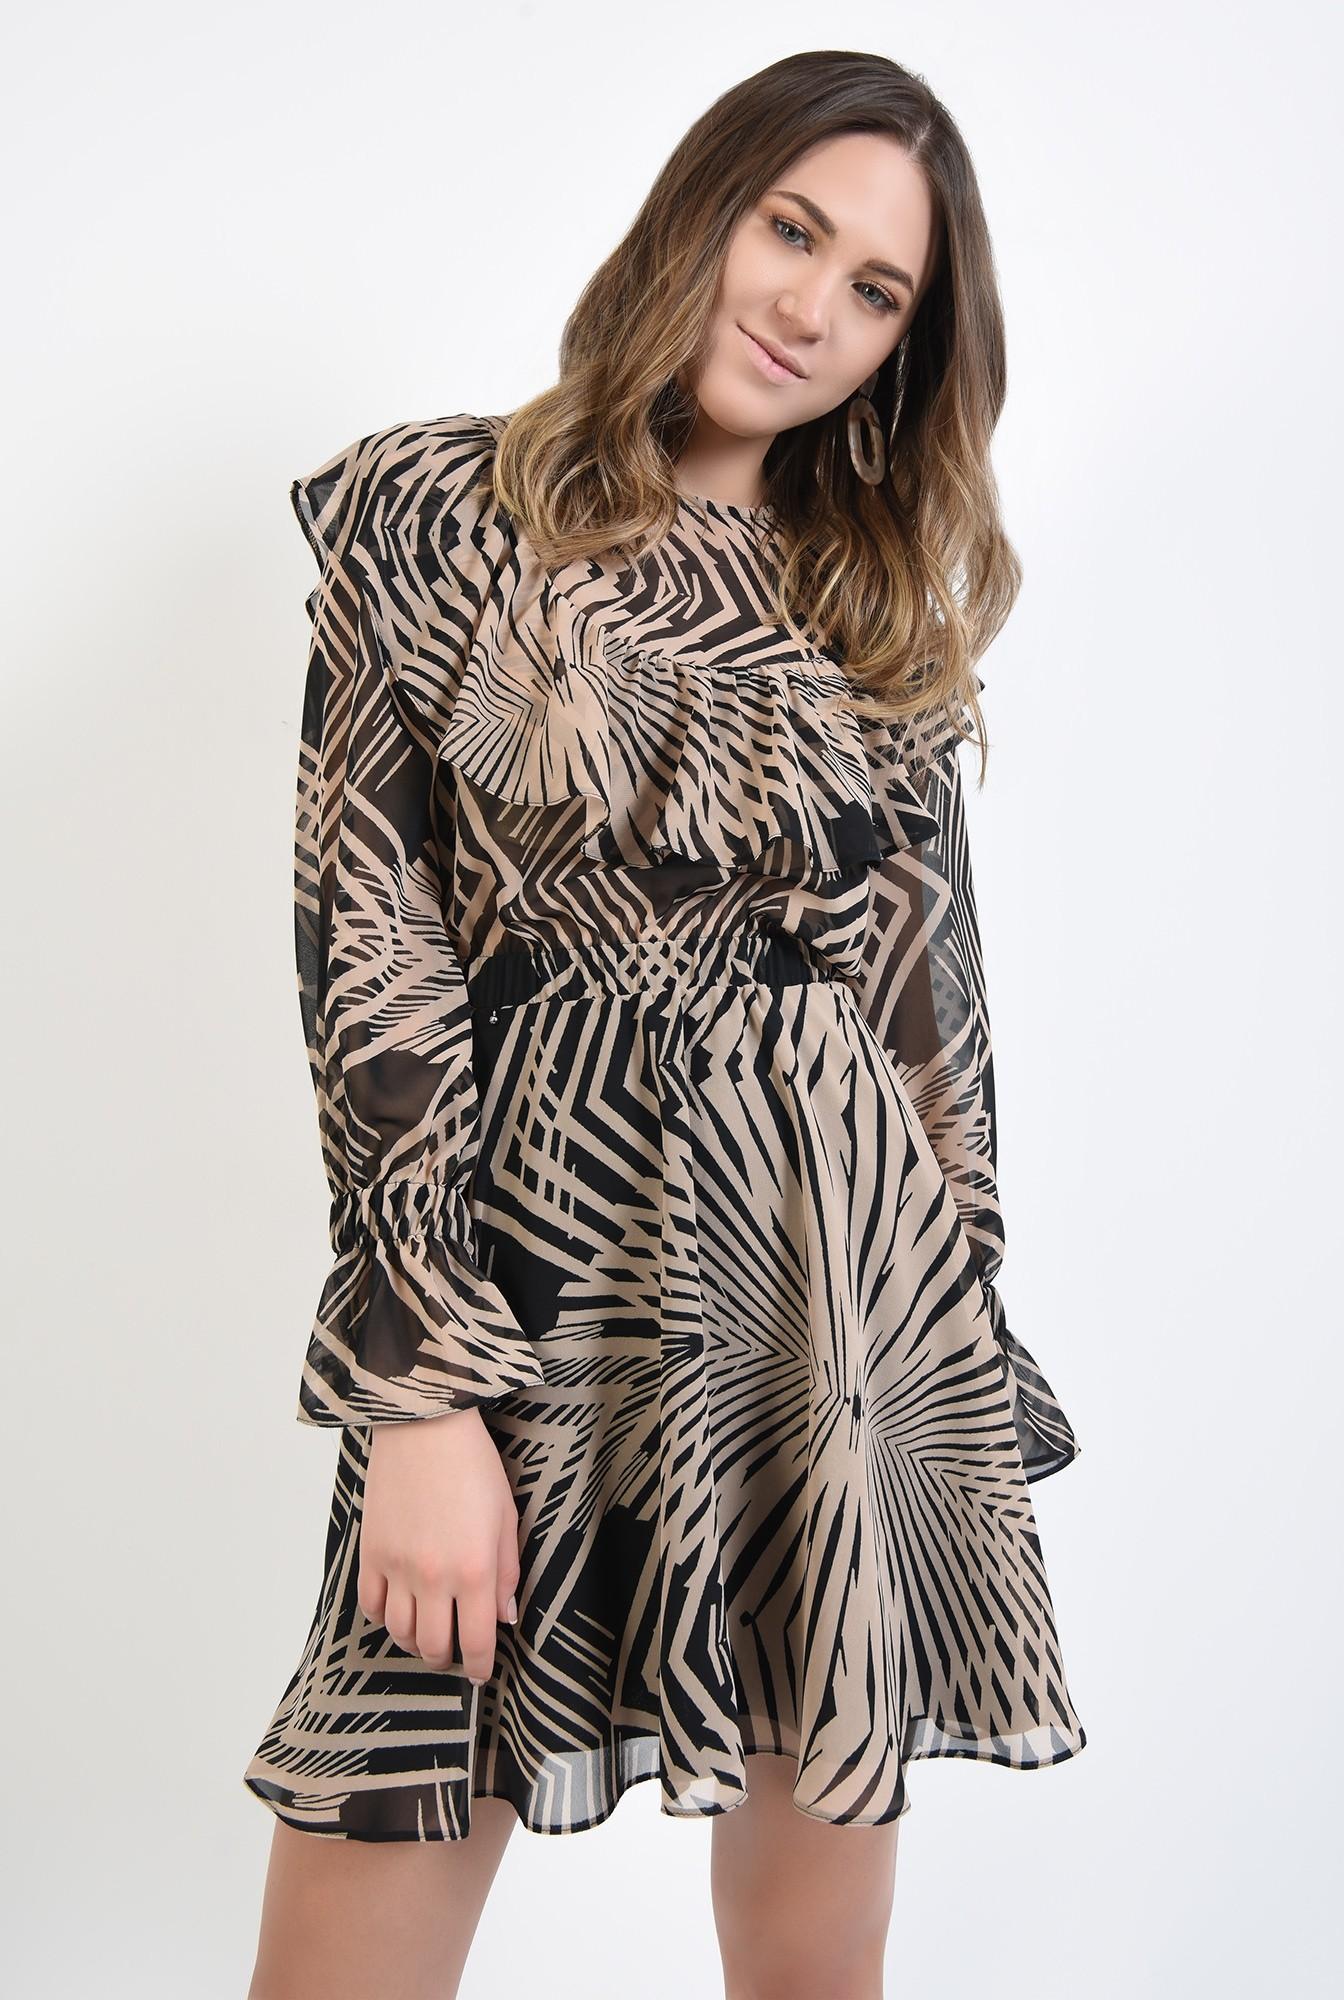 2 - rochie mini, cu imprimeu abstract, negru, bej, talie pe elastic, volan